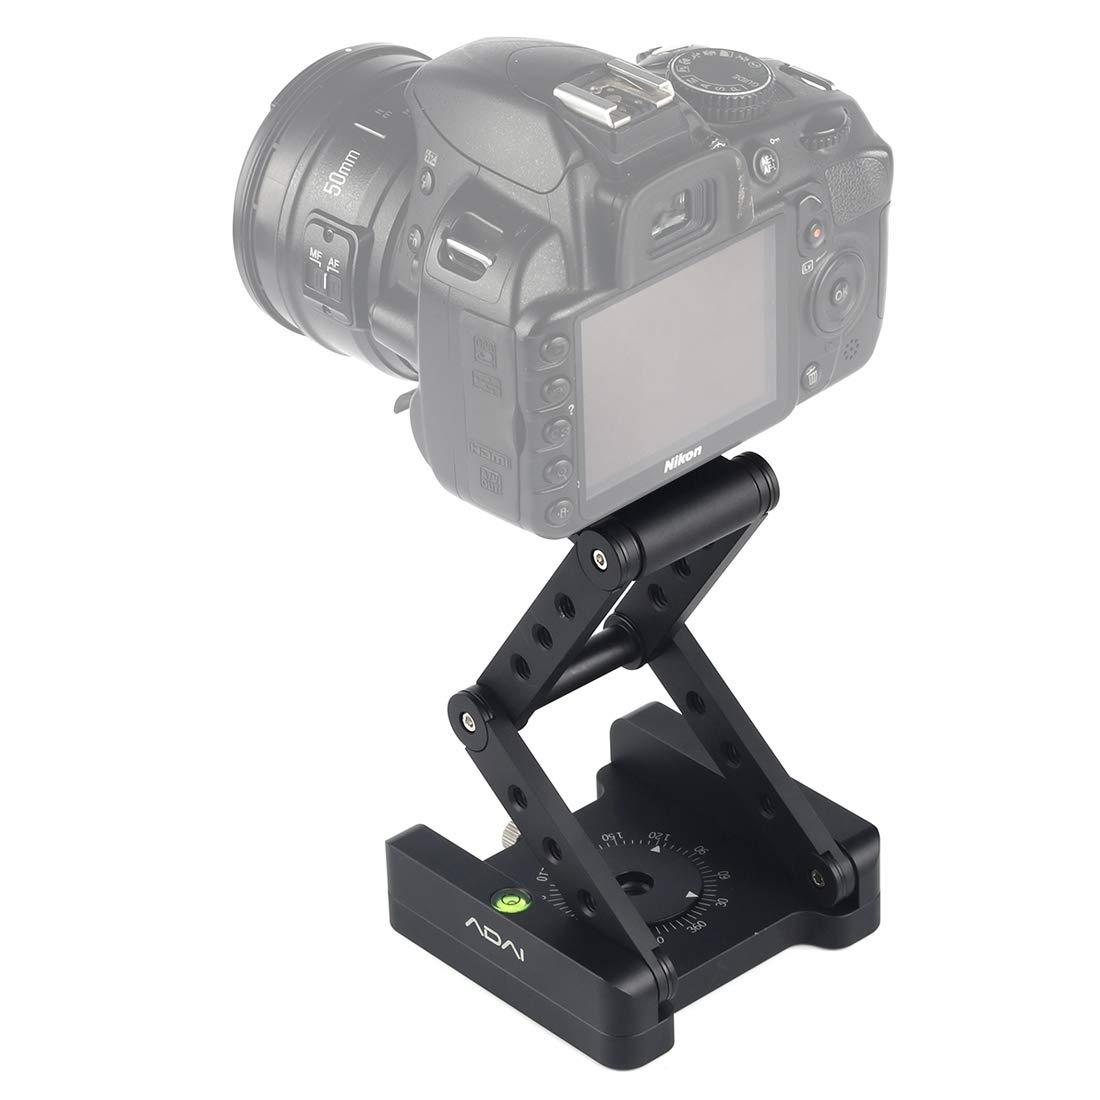 カメラ用 360度回転3折りたたみCNCアルミニウムクイックリリースプレートホルダー三脚Mフレックスチルトボールヘッド カメラアクセサリー (Color : ブラック)   B07QS2RCBG